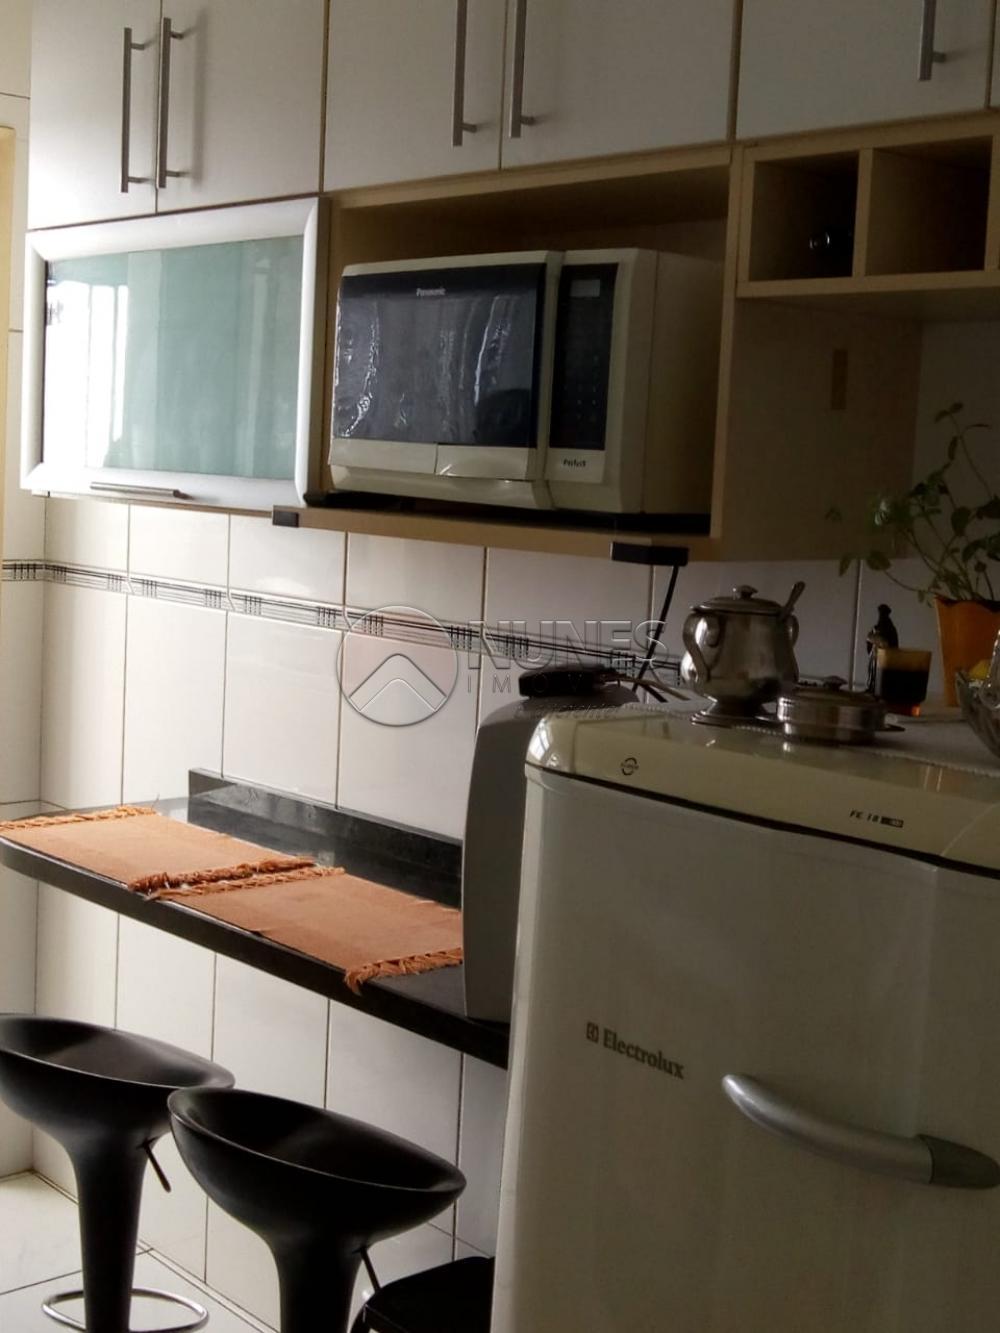 Comprar Apartamento / Padrão em Osasco apenas R$ 495.000,00 - Foto 11